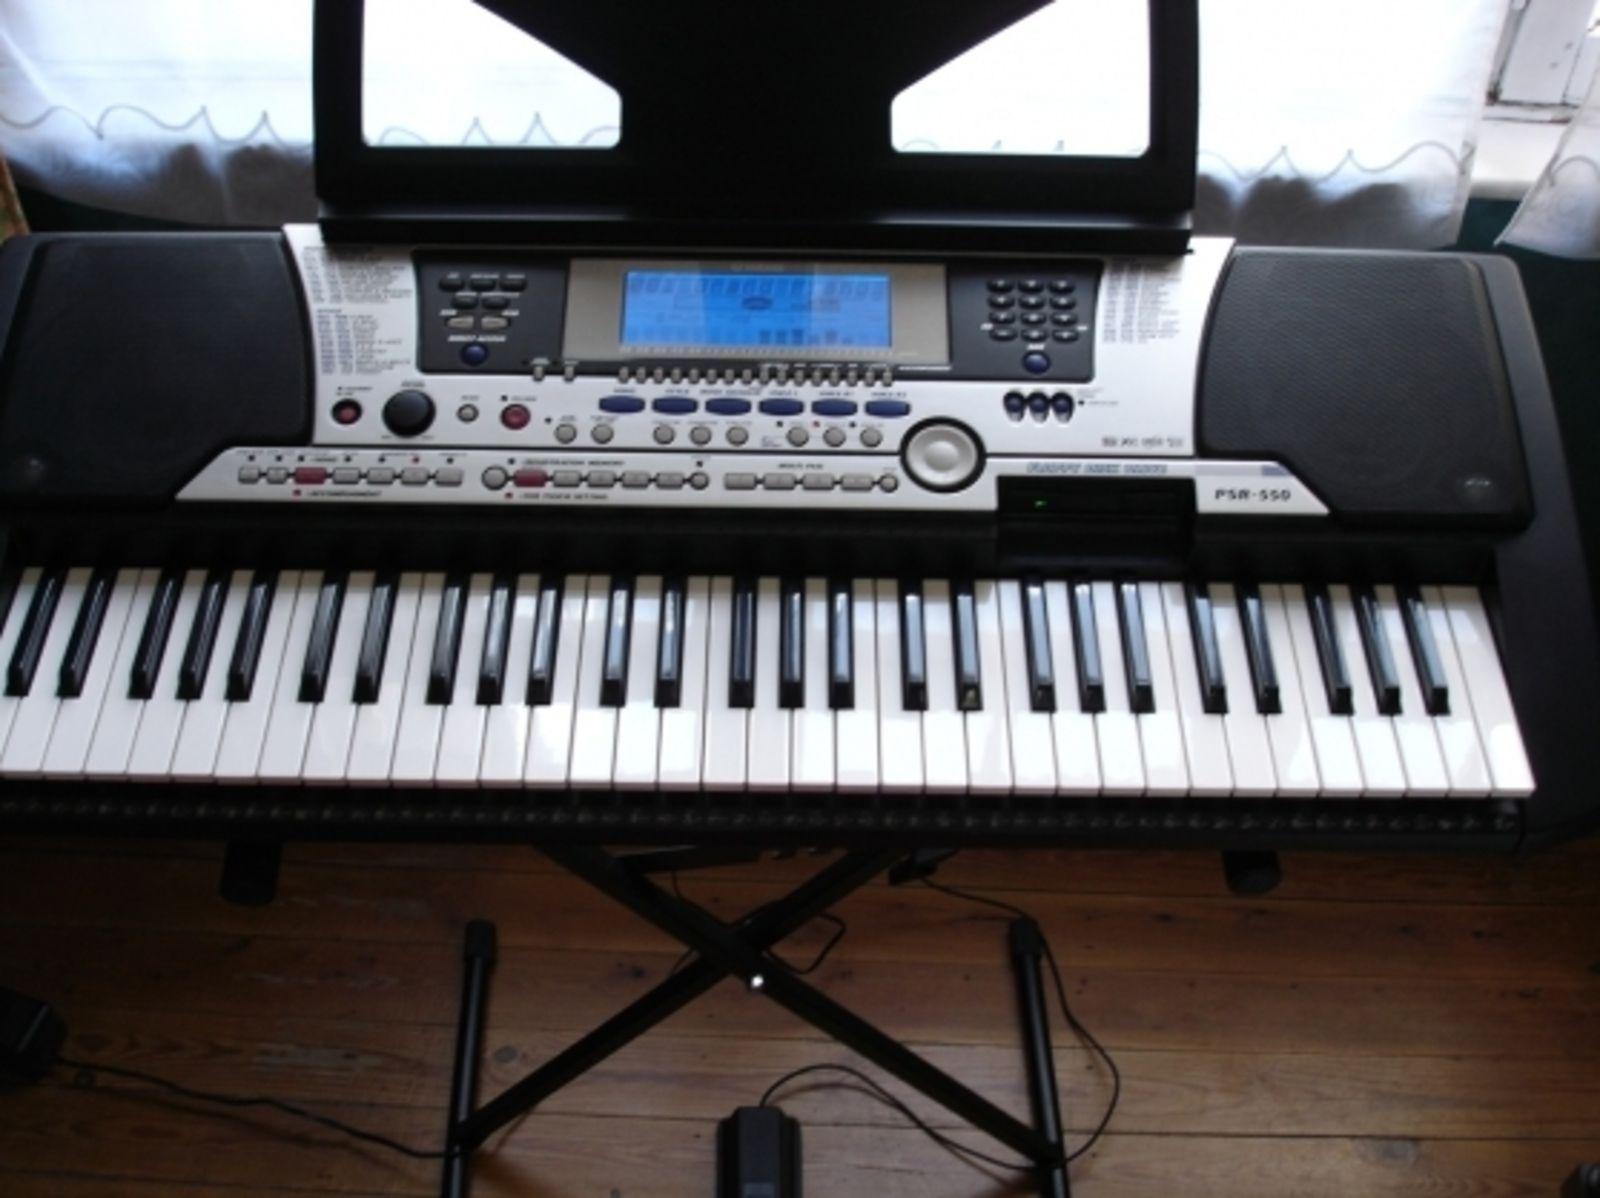 yamaha psr 550 image 10998 audiofanzine rh en audiofanzine com Yamaha PSR 510 Yamaha PSR 510